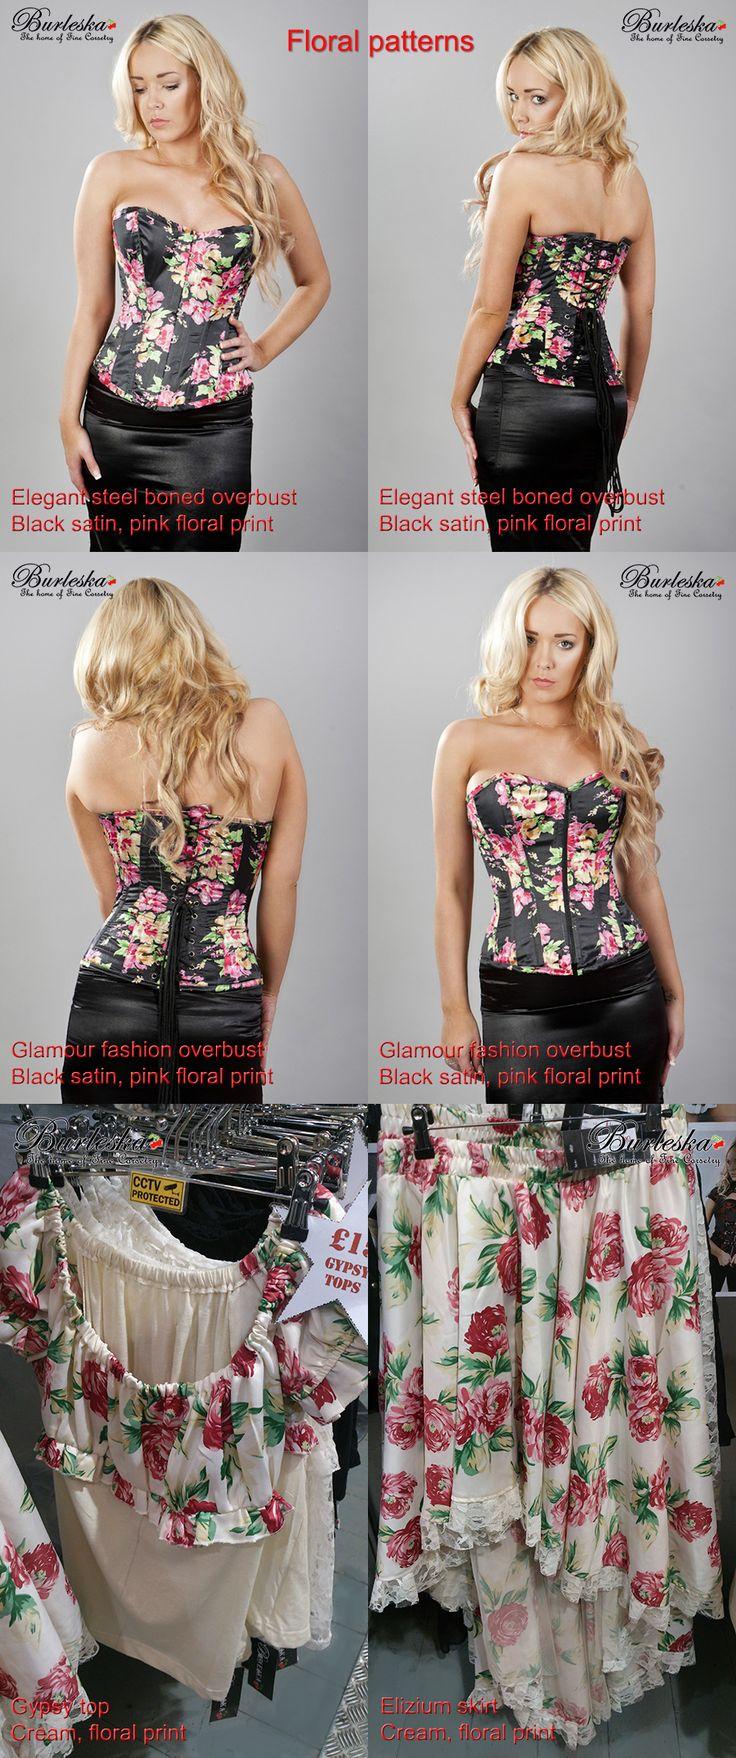 Floral fashion for summer 2014 by Burleska.co.uk